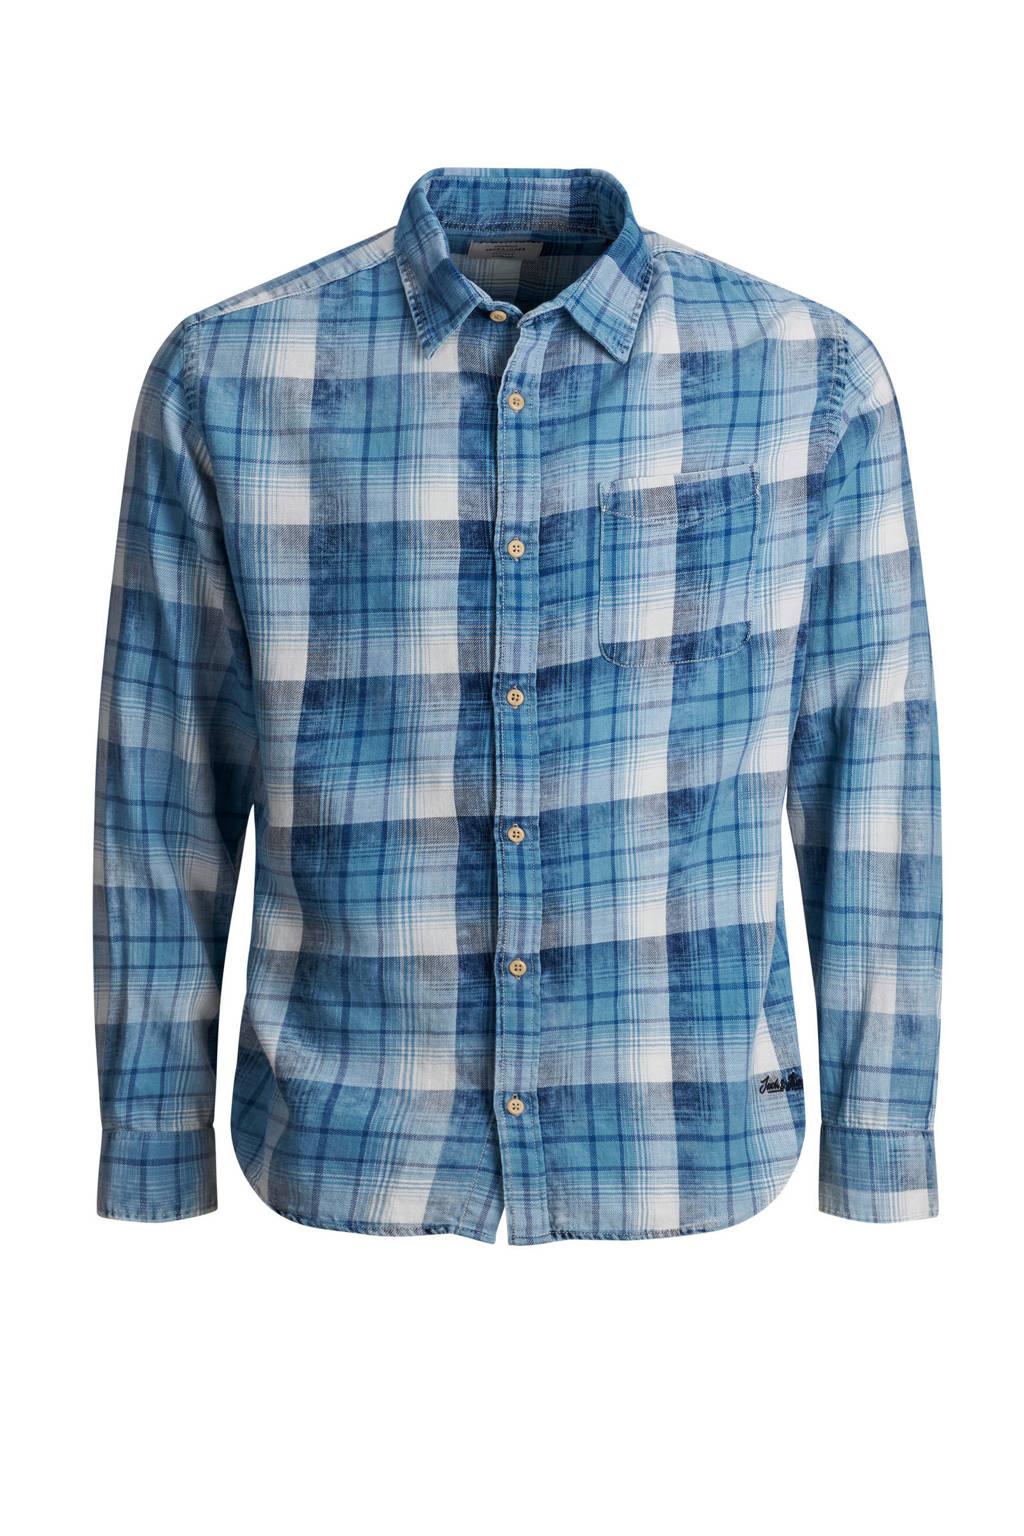 Jack & Jones Originals slim fit overhemd, Blauw